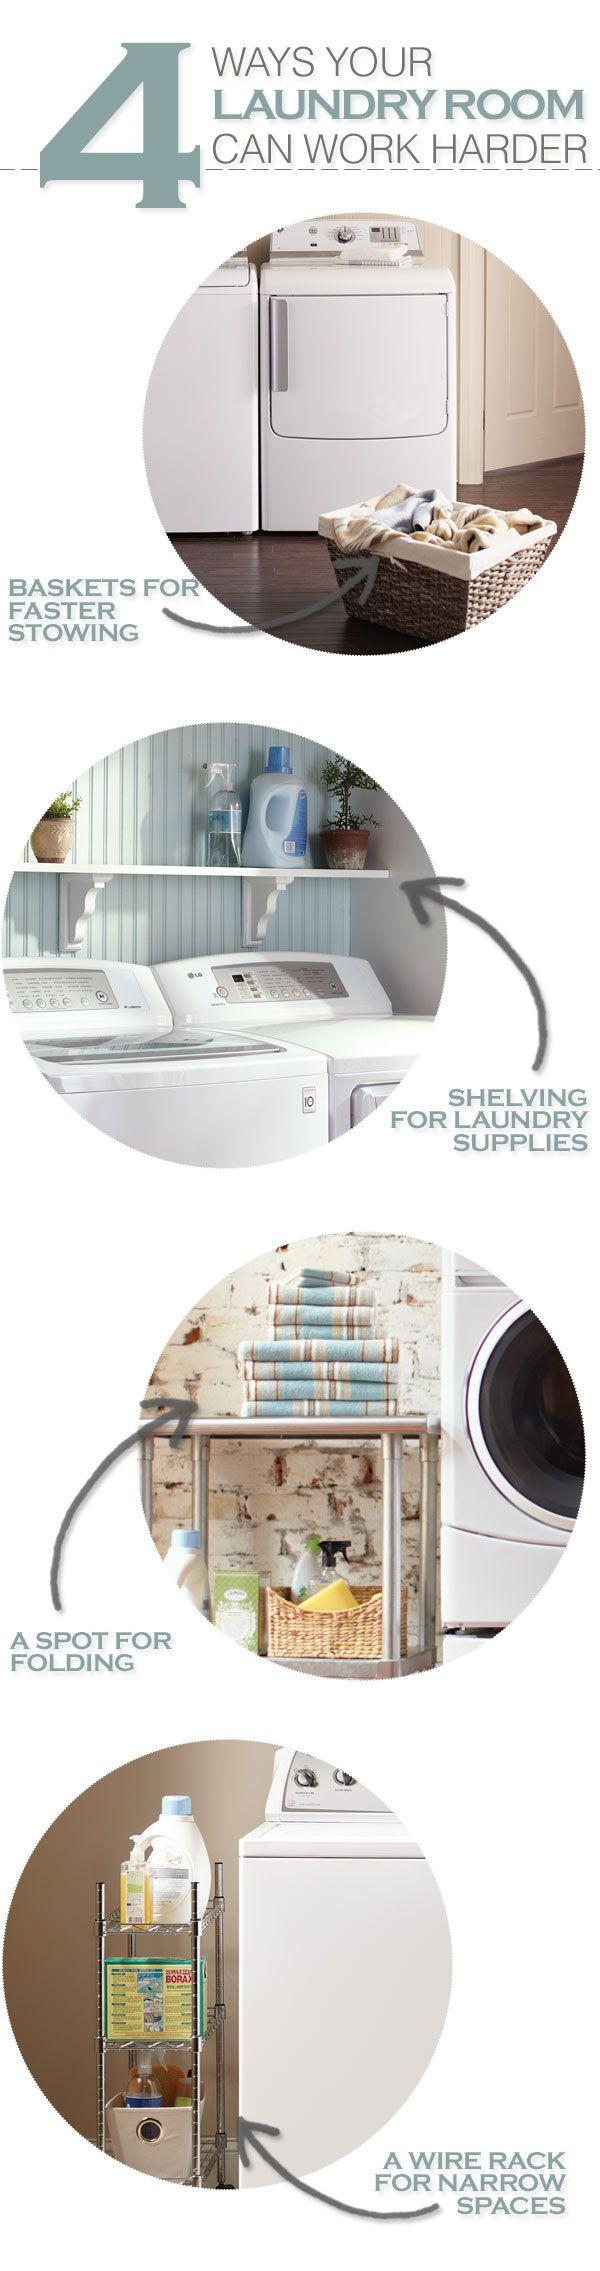 best laundry hacks images on pinterest laundry tips laundry